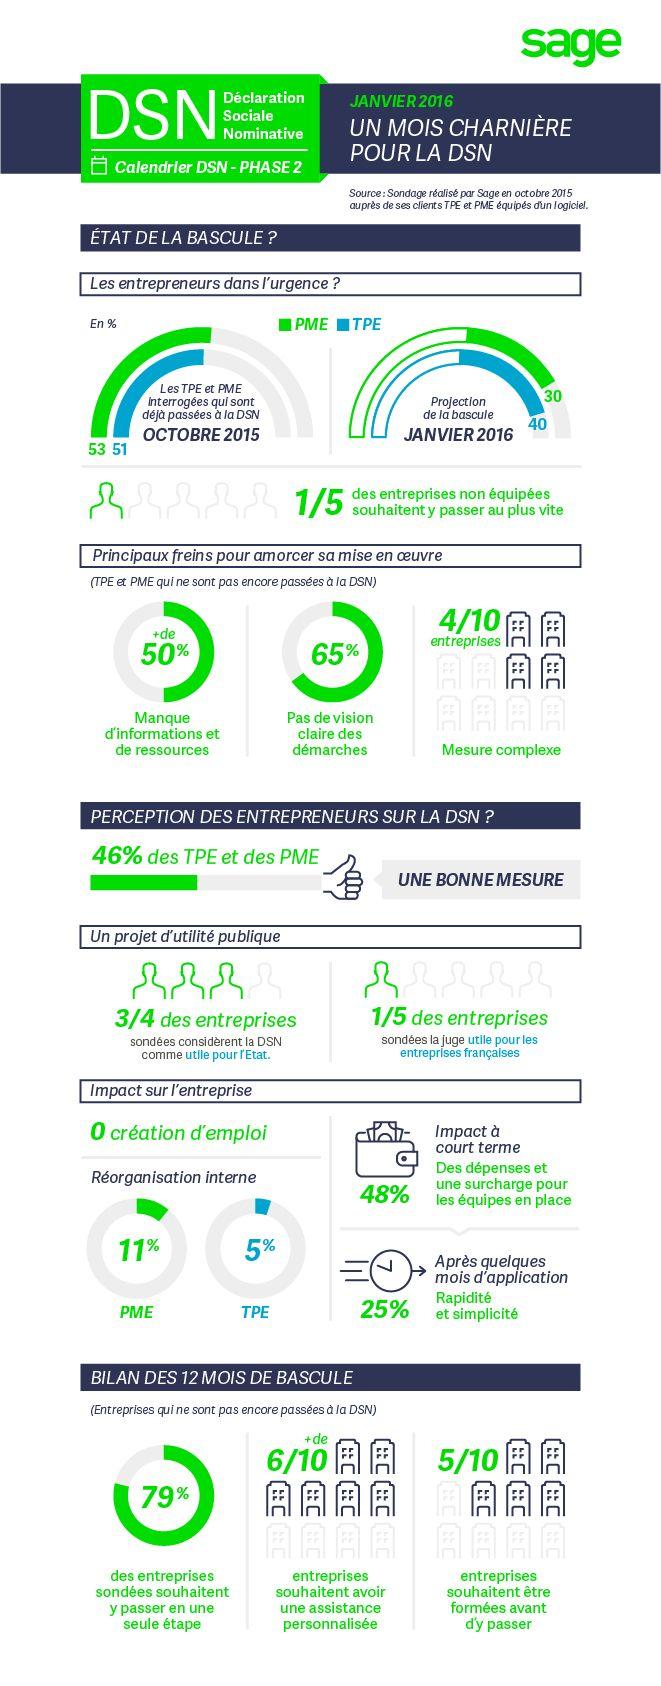 DSN-sage-infographie